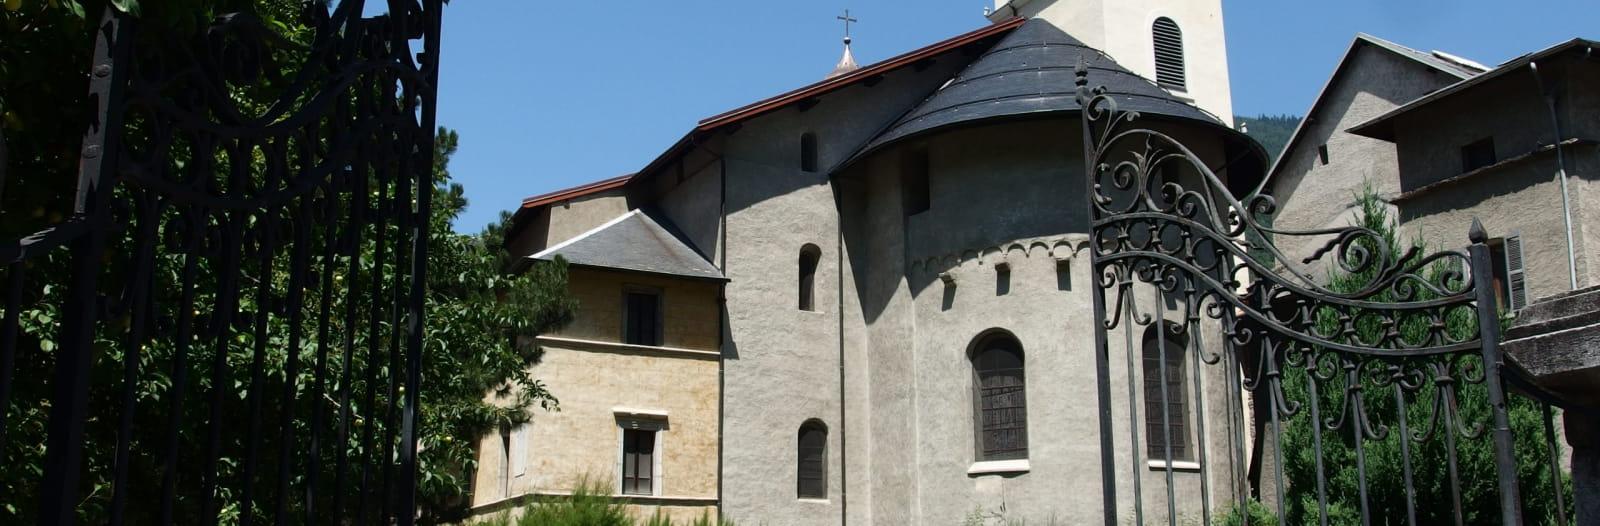 cathédrale Saint Pierre Moûtiers 73600